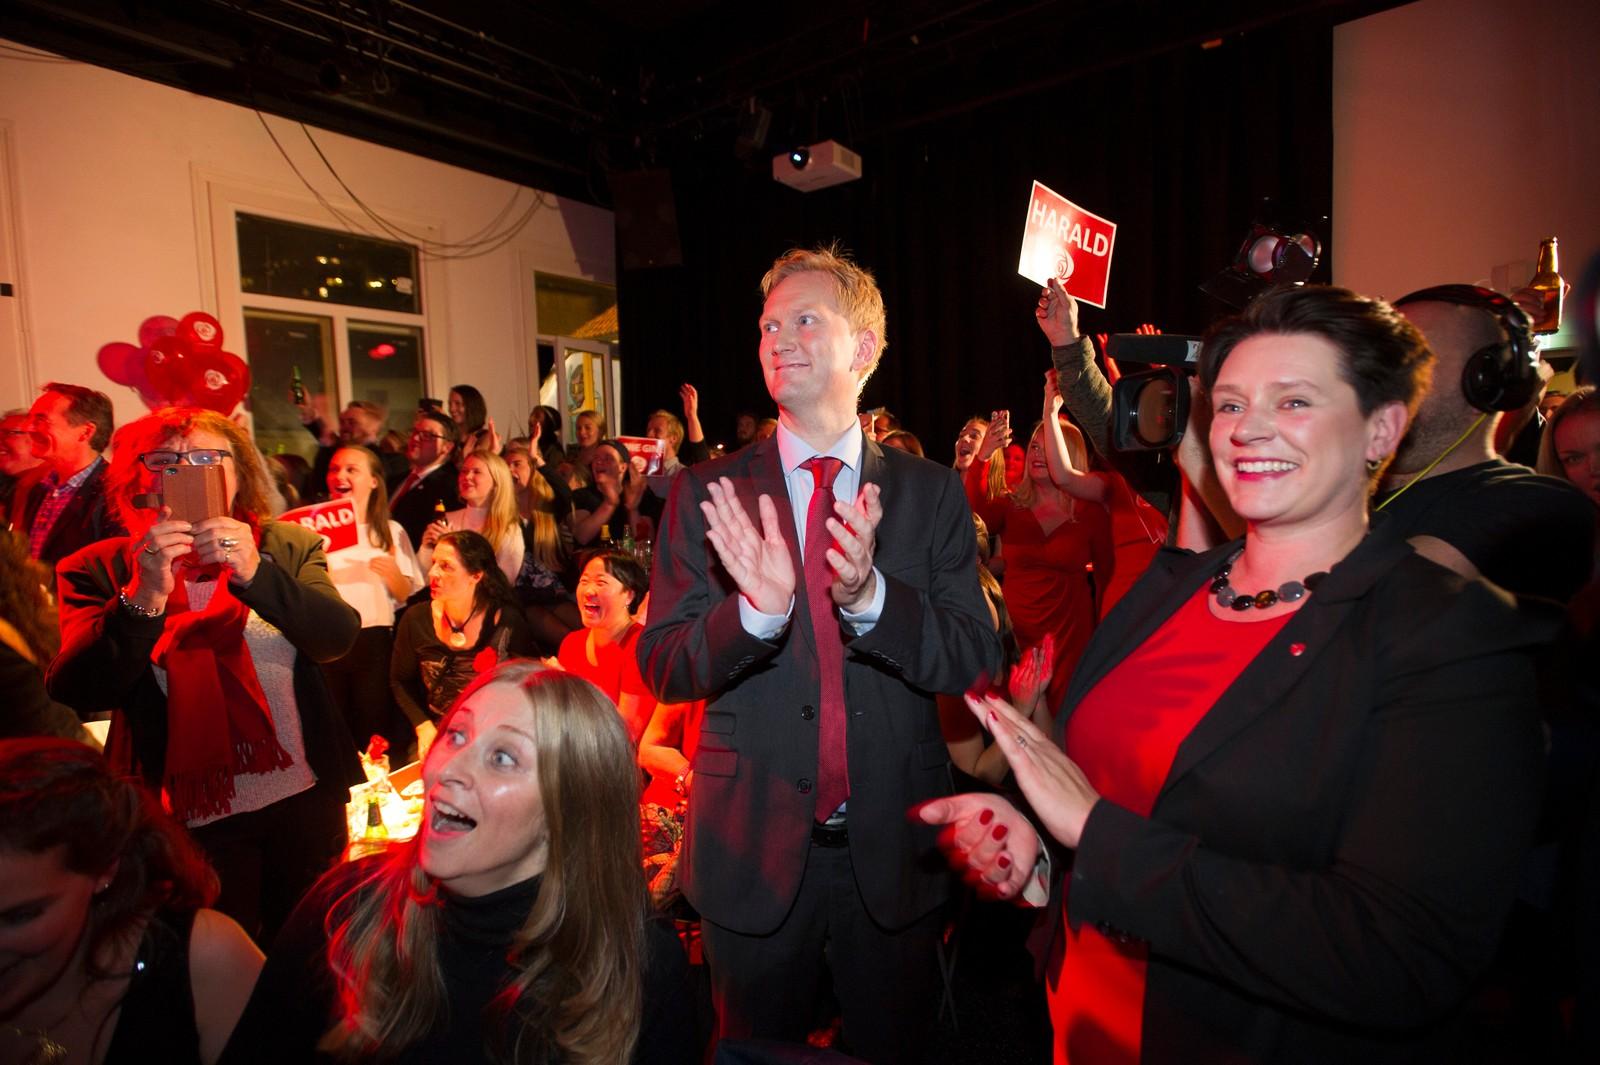 APs byrådslederkandidat i Bergen, Harald Schjelderup og ordførerkandidat Marte Mjøs Persen på Arbeiderpartiets valgvake. Foto: Marit Hommedal / NTB scanpix